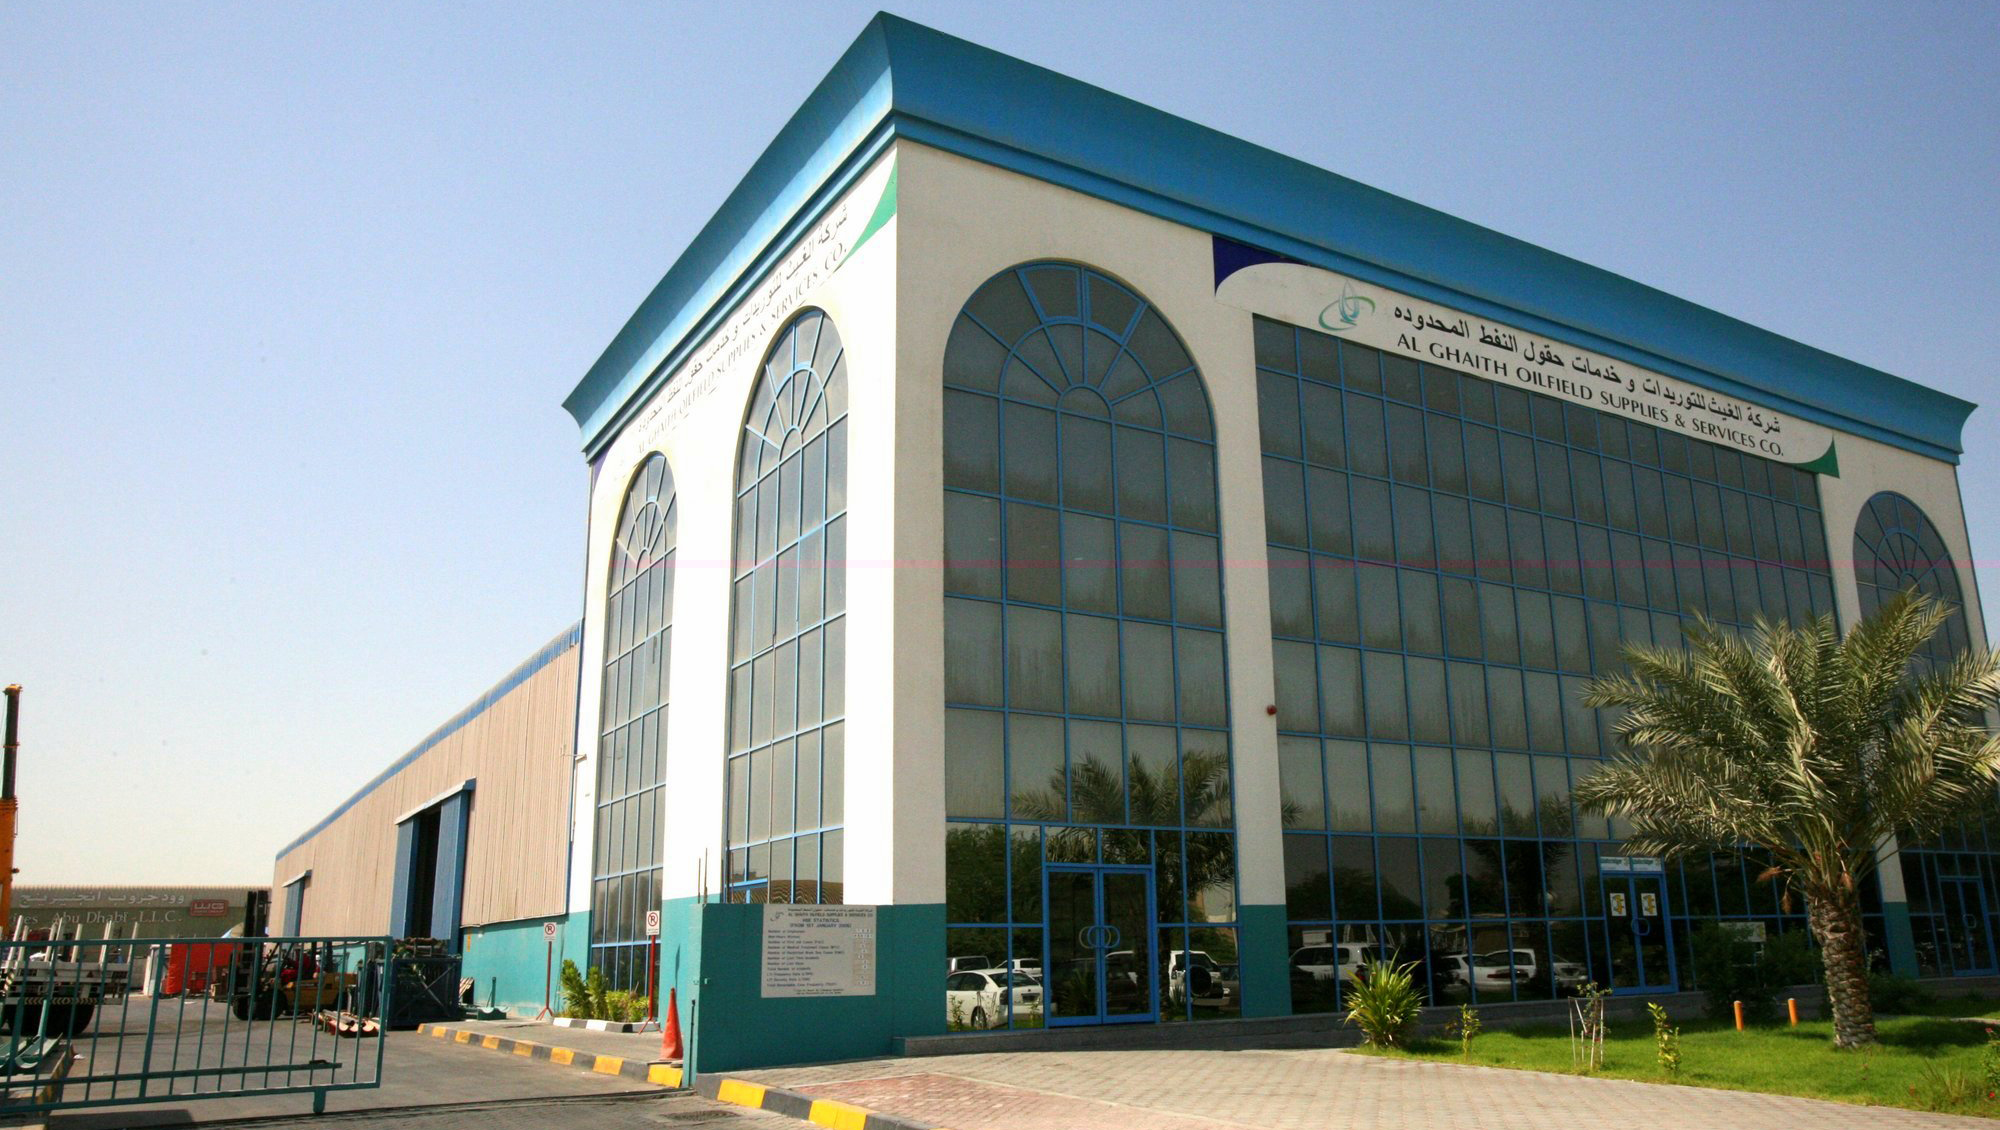 Al Ghaith Oilfield Supplies & Services Company